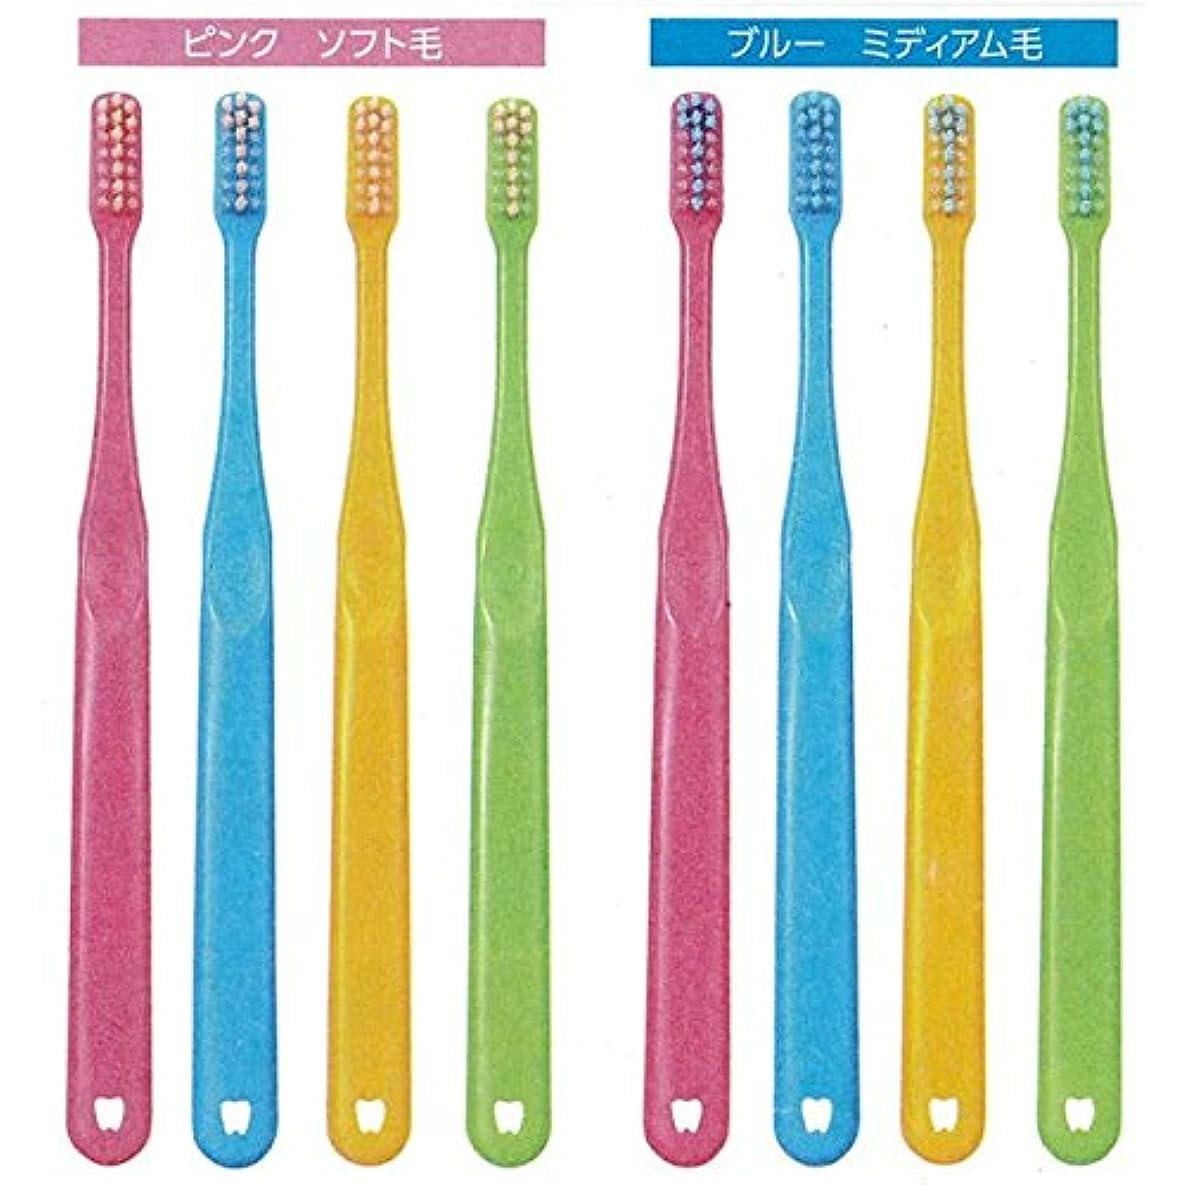 変形推測する好みci PROPLUS +プロプラス 大人用 一般 歯ブラシ1本 (M(ふつう))